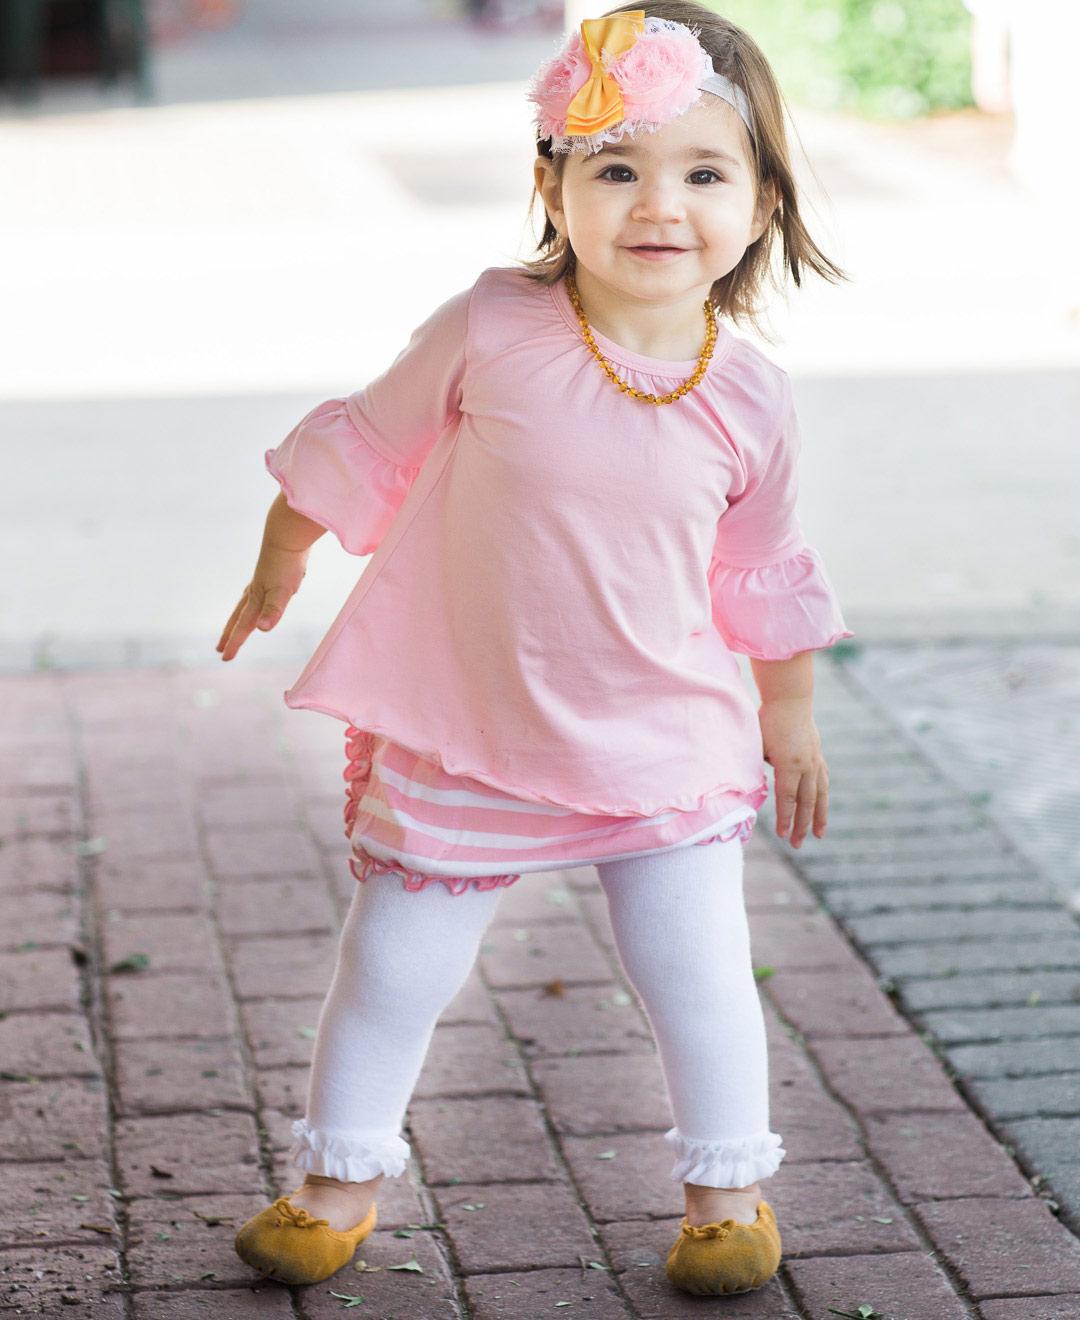 بالصور اطفال بنات , الاطفال الجميلات فى اروع الصور 328 4